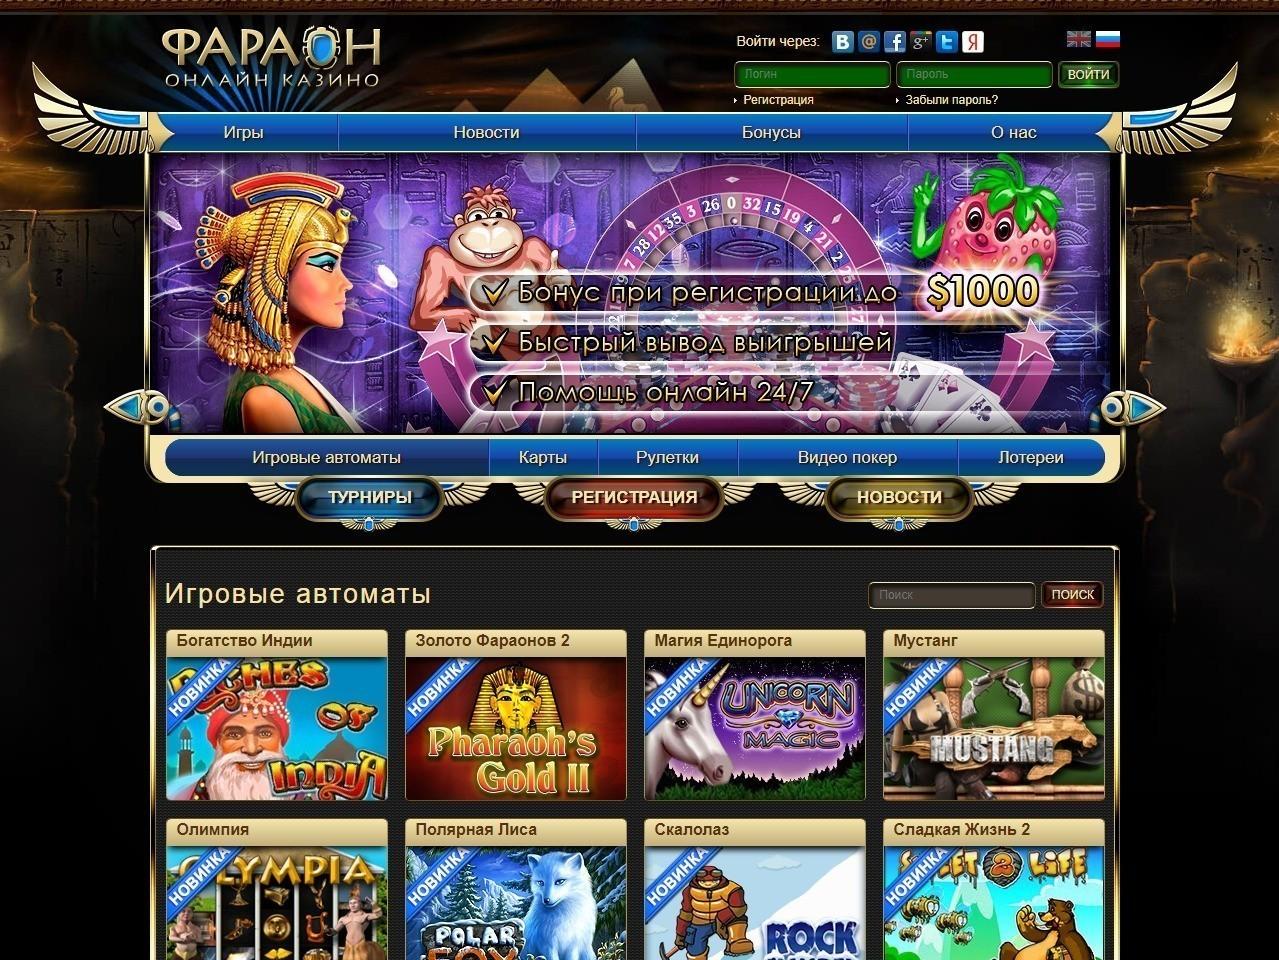 официальный сайт онлайн казино фараон отзывы